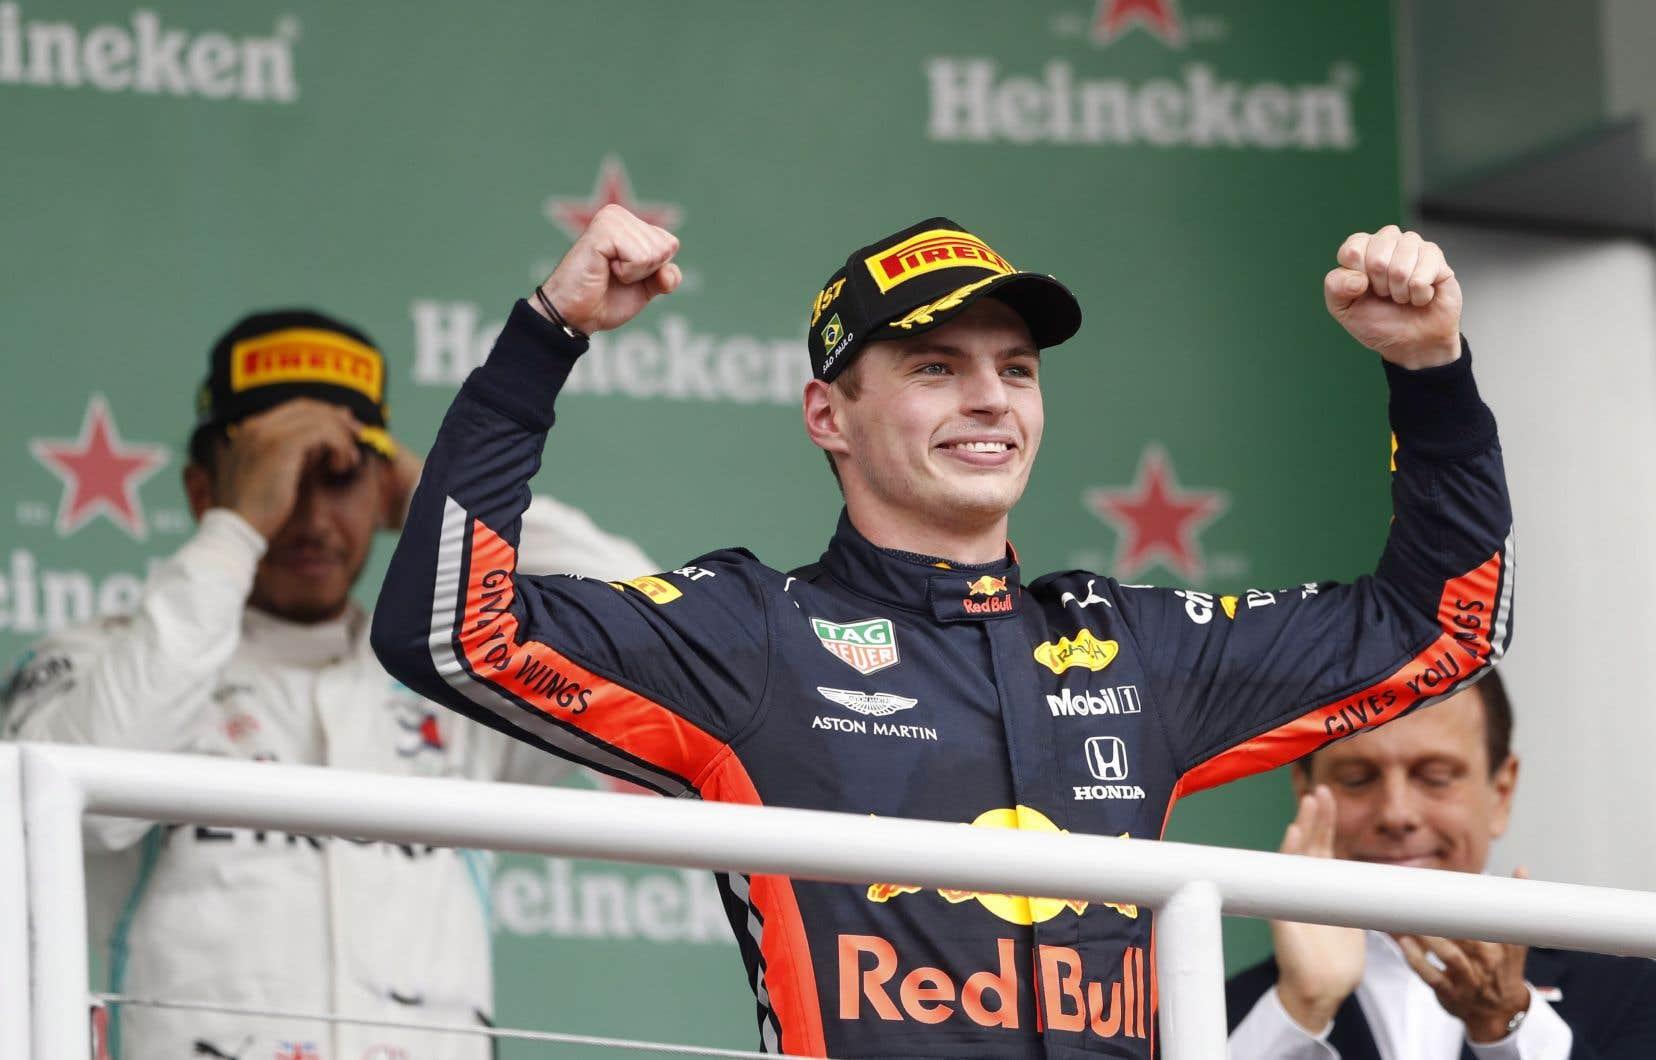 Pour Vestappen, il s'agit d'un troisième triomphe en 2019, après ses victoires en Autriche et en Allemagne.